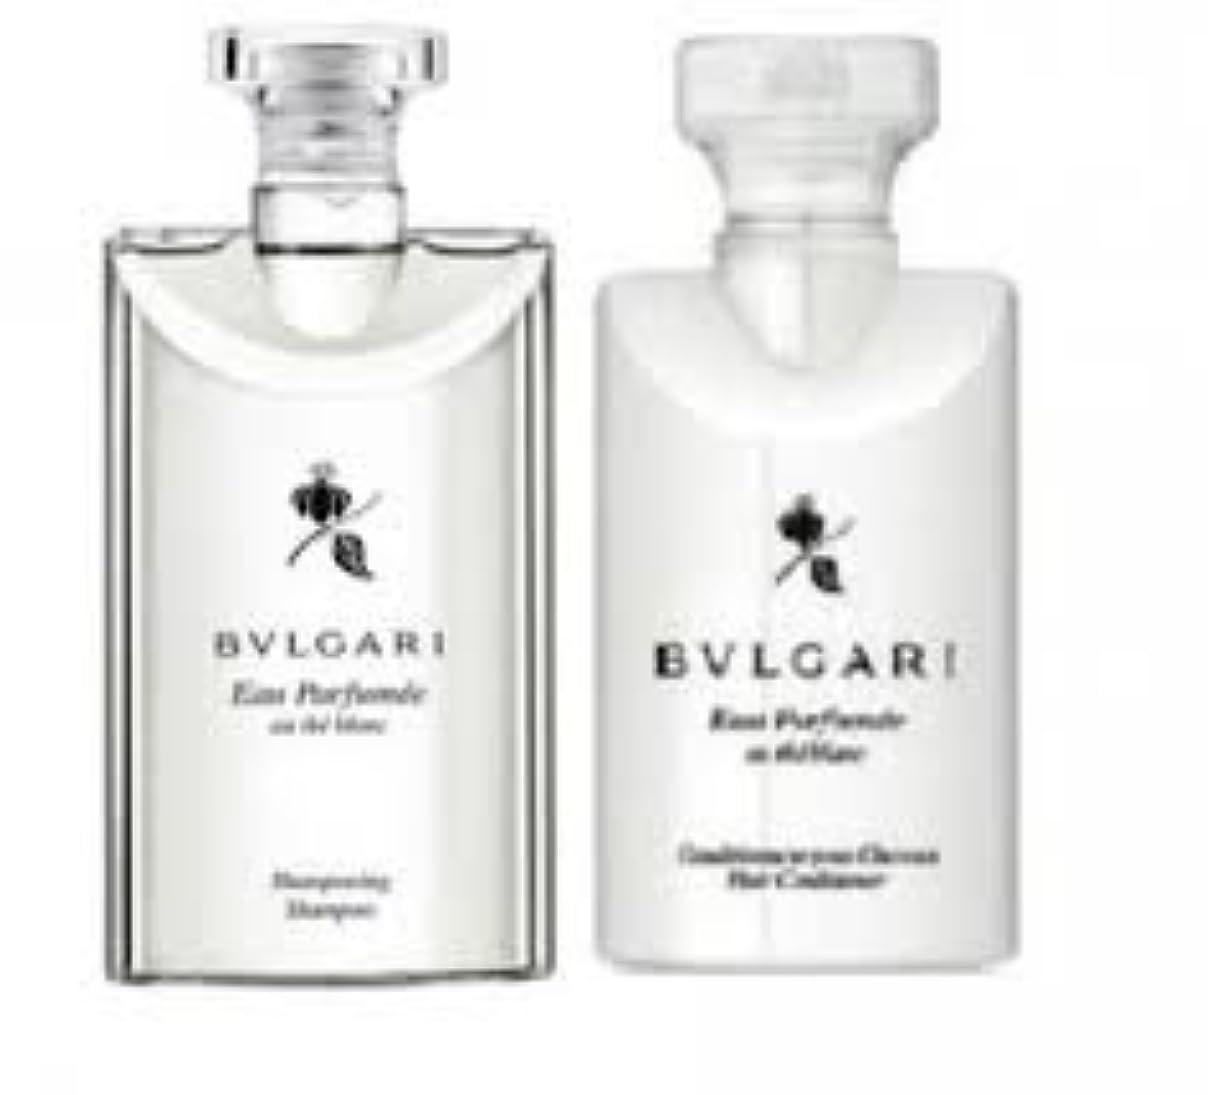 がっかりする苦悩検査Bvlgari Eau Parfumee Au The Blanc (ブルガリ オー パフュ-メ オウ ブラン) 2.5 oz (75ml) シャンプー & ヘアーコンディショナー